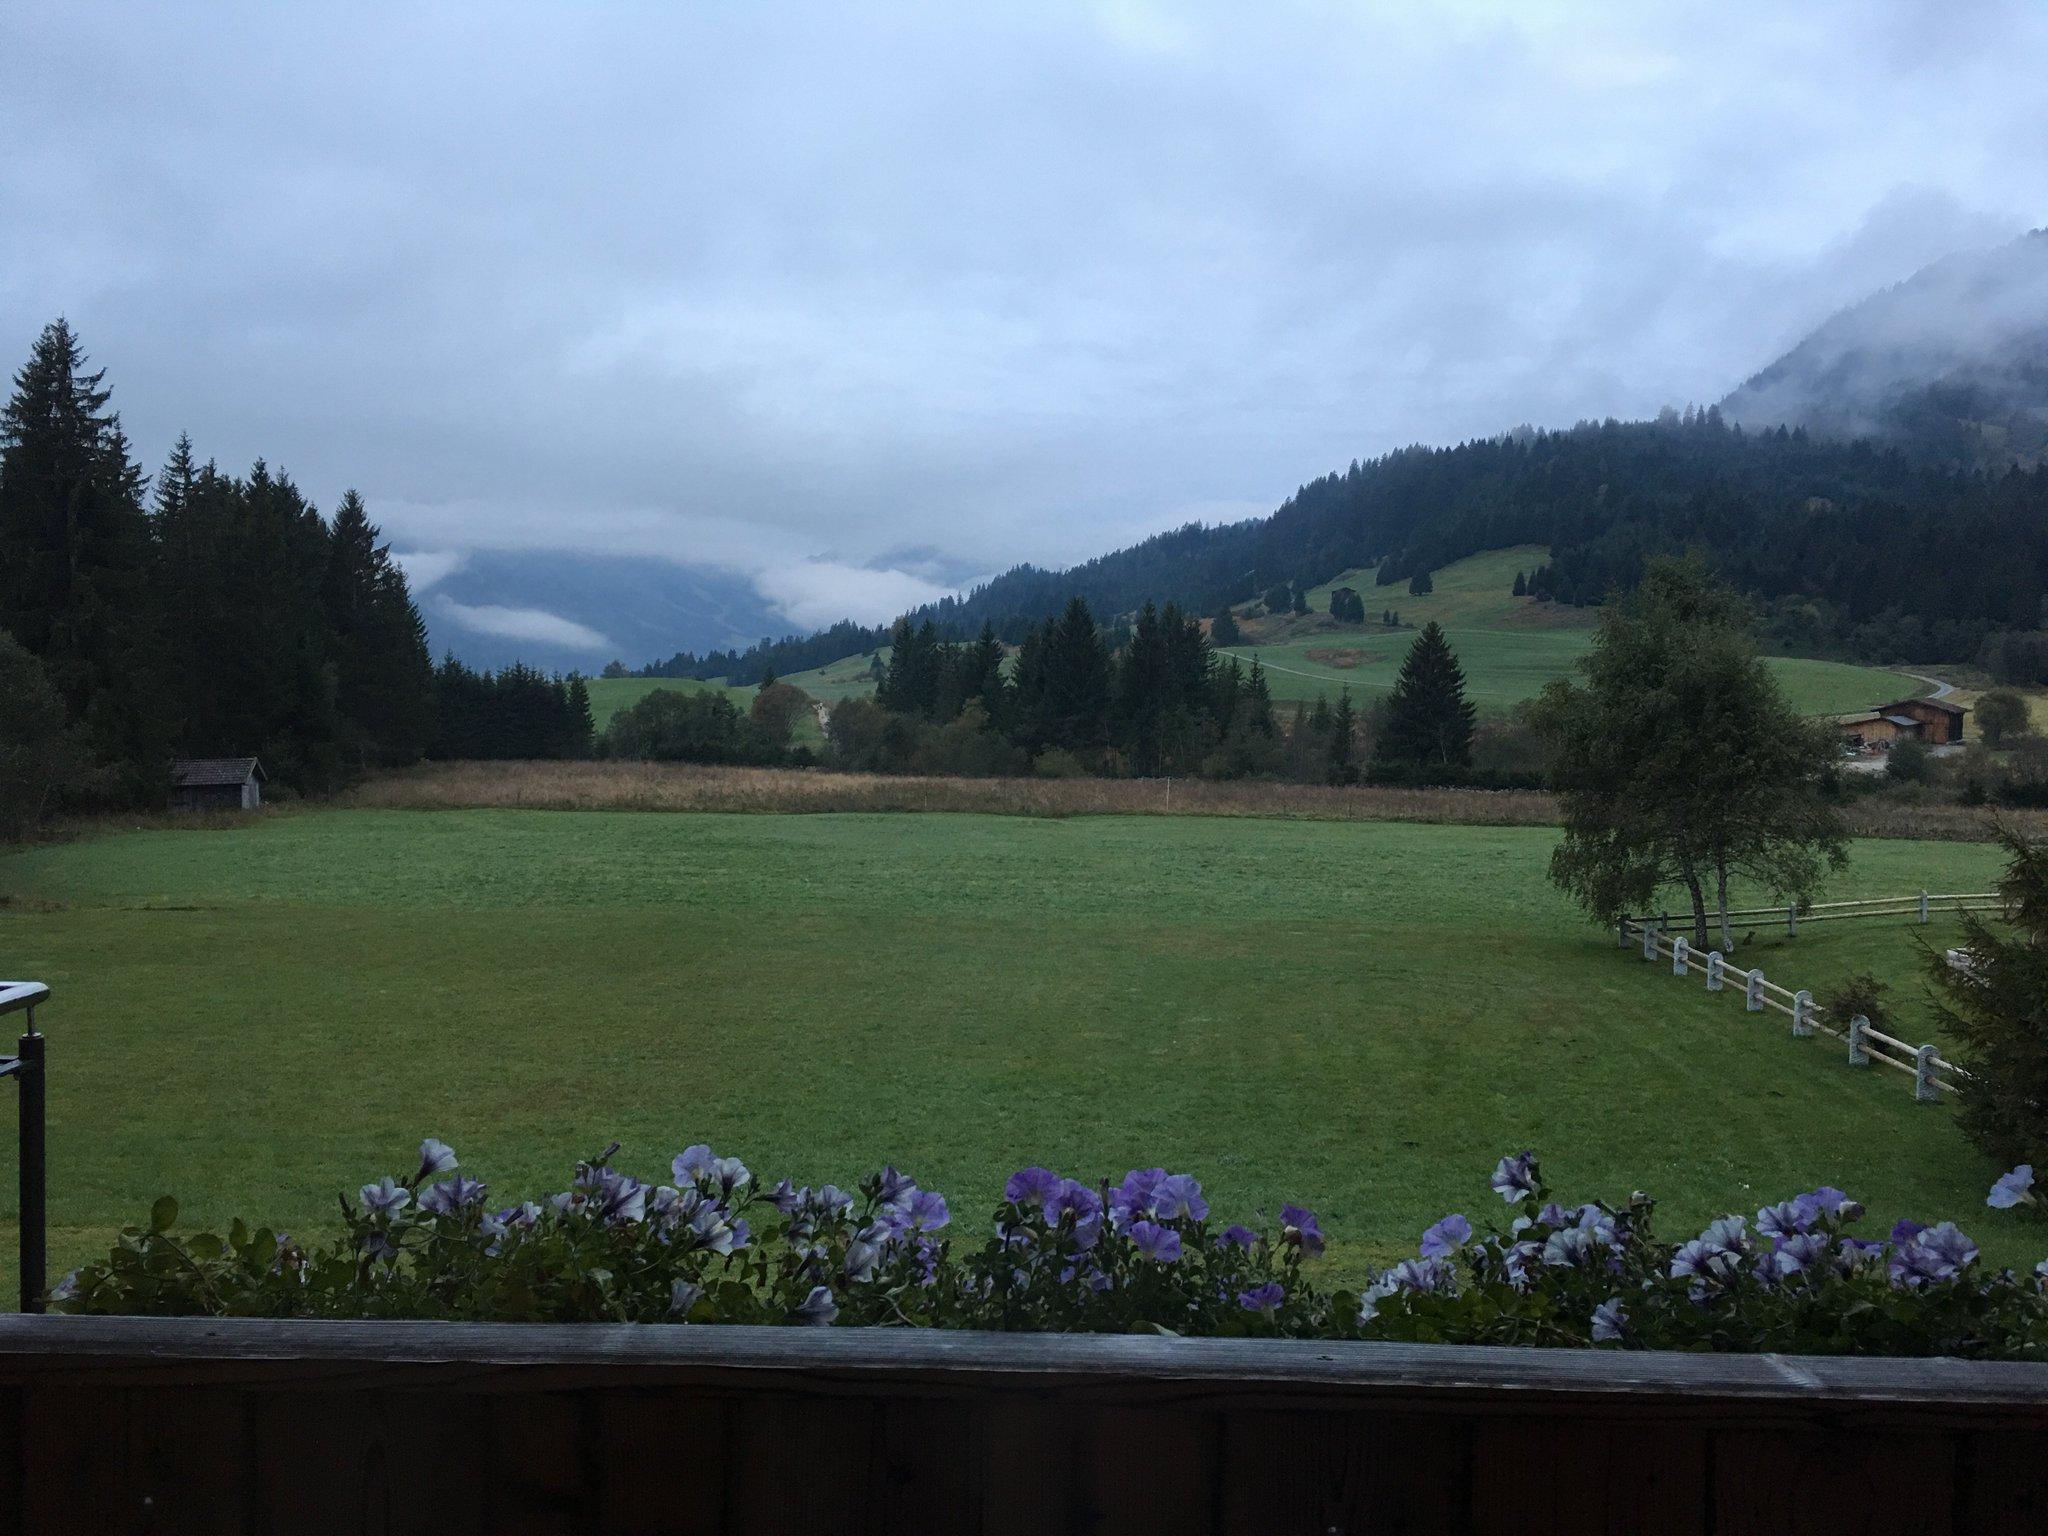 Guten Morgen. Heute Wolkenbegegnung über Tannheim. #meurers #TannheimerTal #cloud https://t.co/khlmeF4lXx